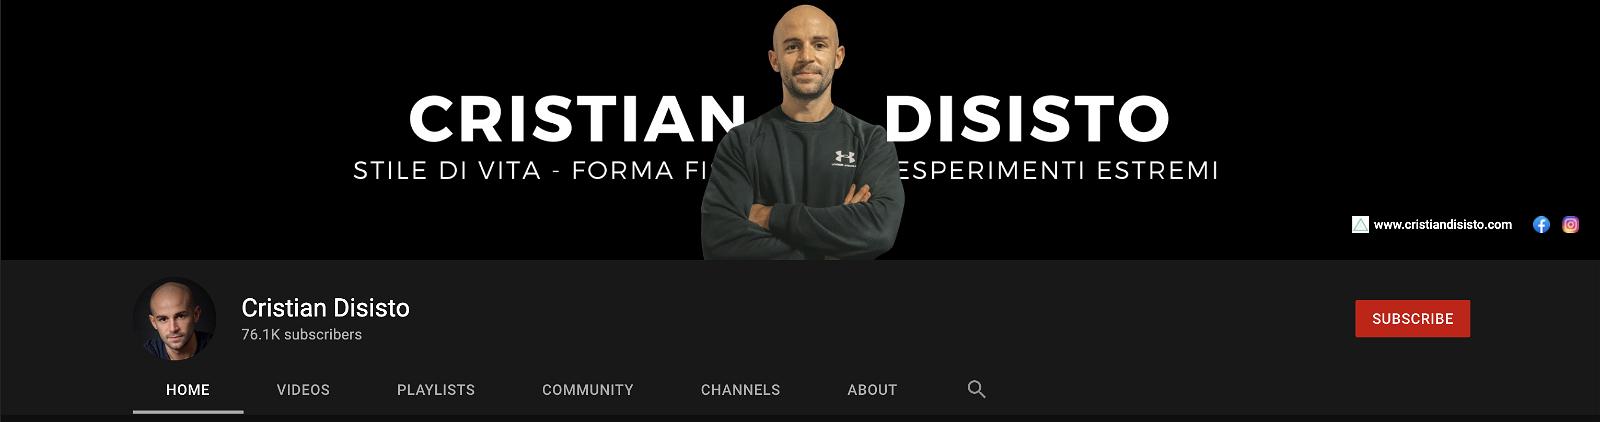 Canale-youtube-cristian-disisto